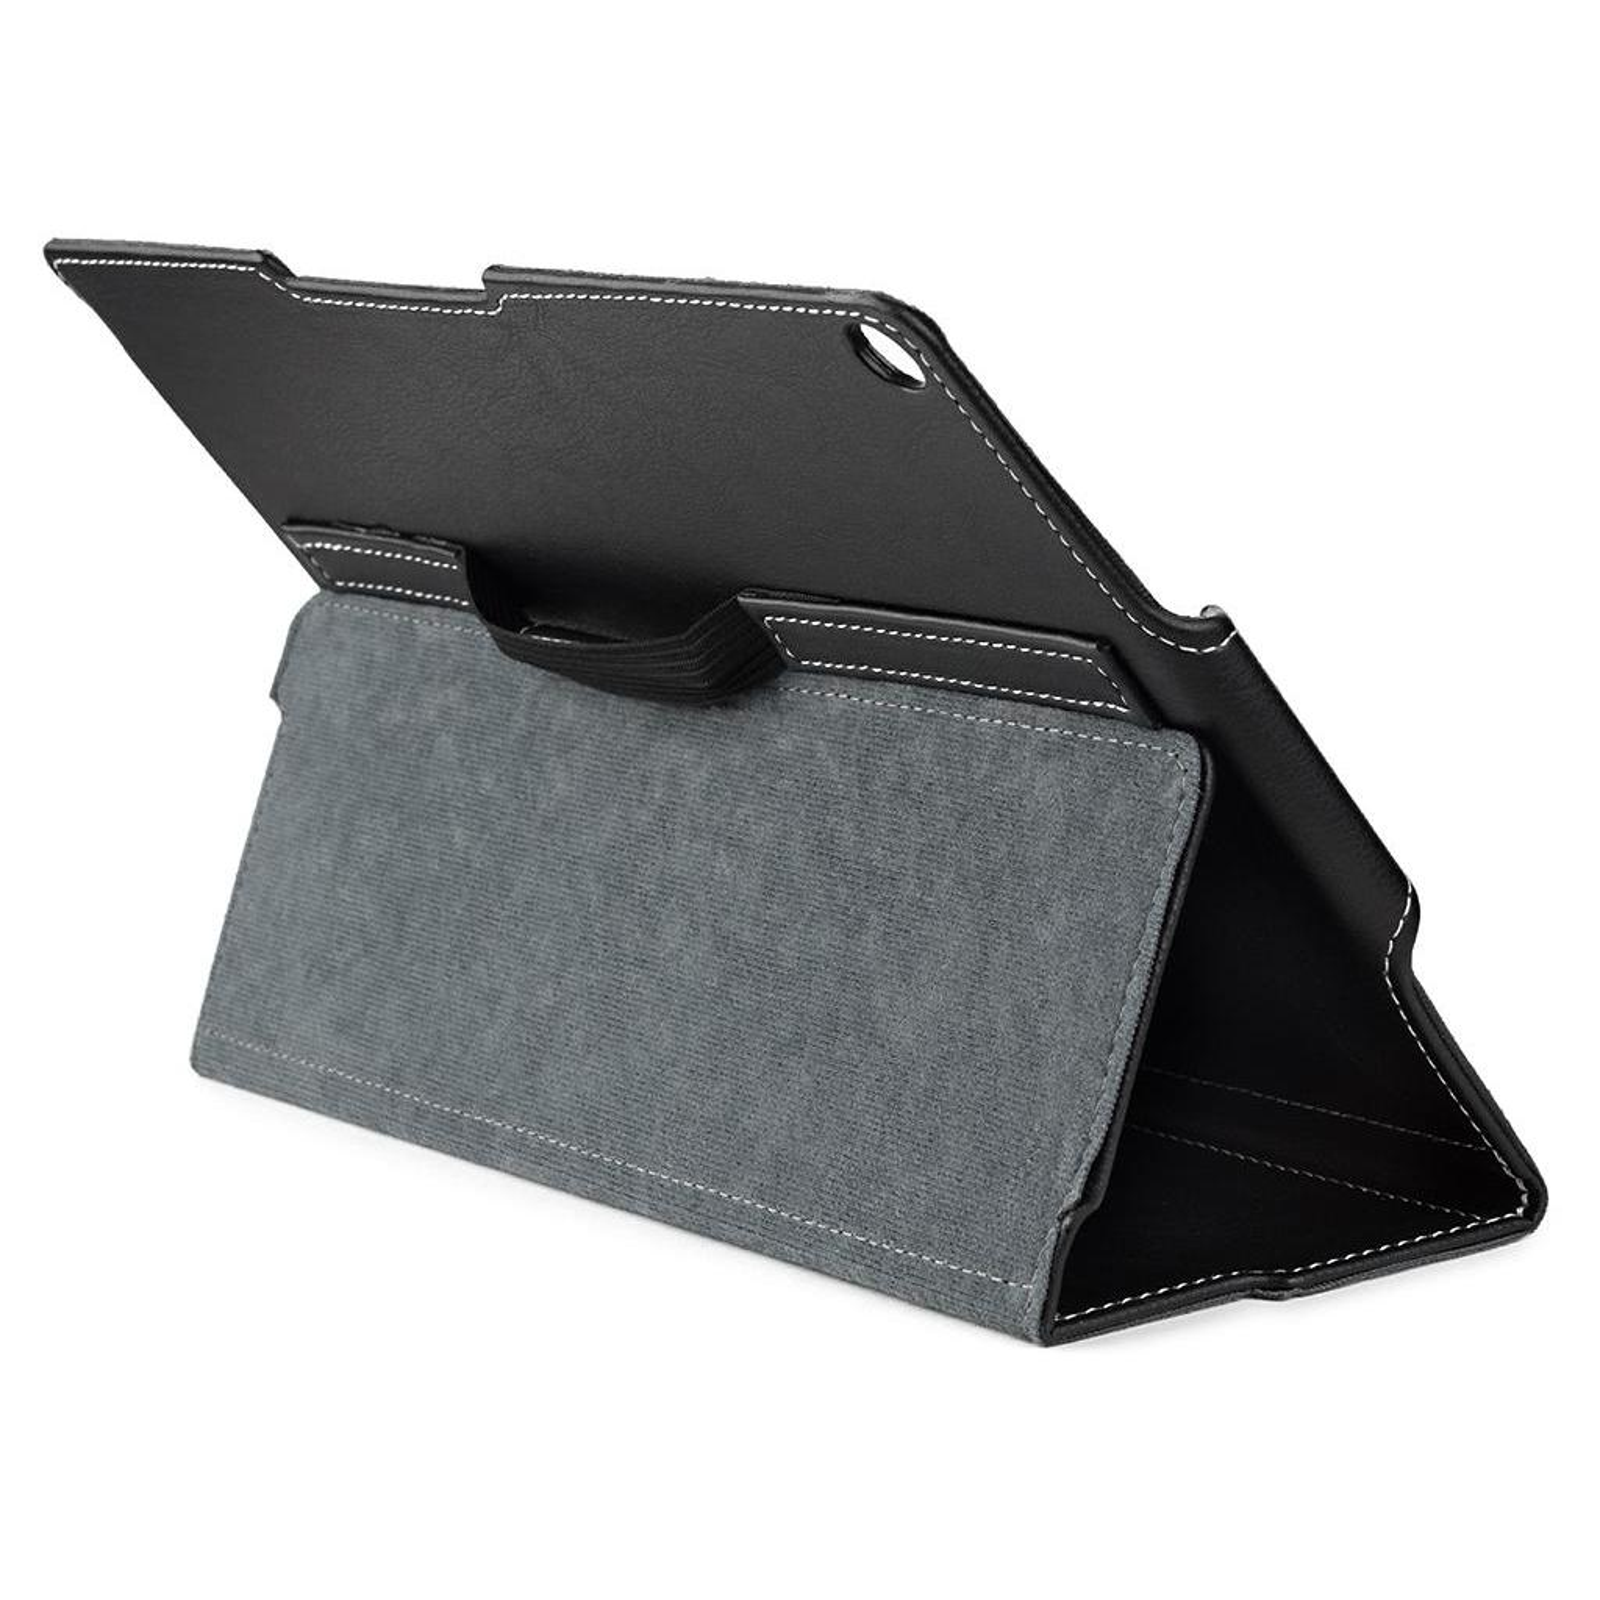 Чехол для планшета ASUS ZenPad 10 Z301 black Vinga (VNZP301MFL) изображение 5